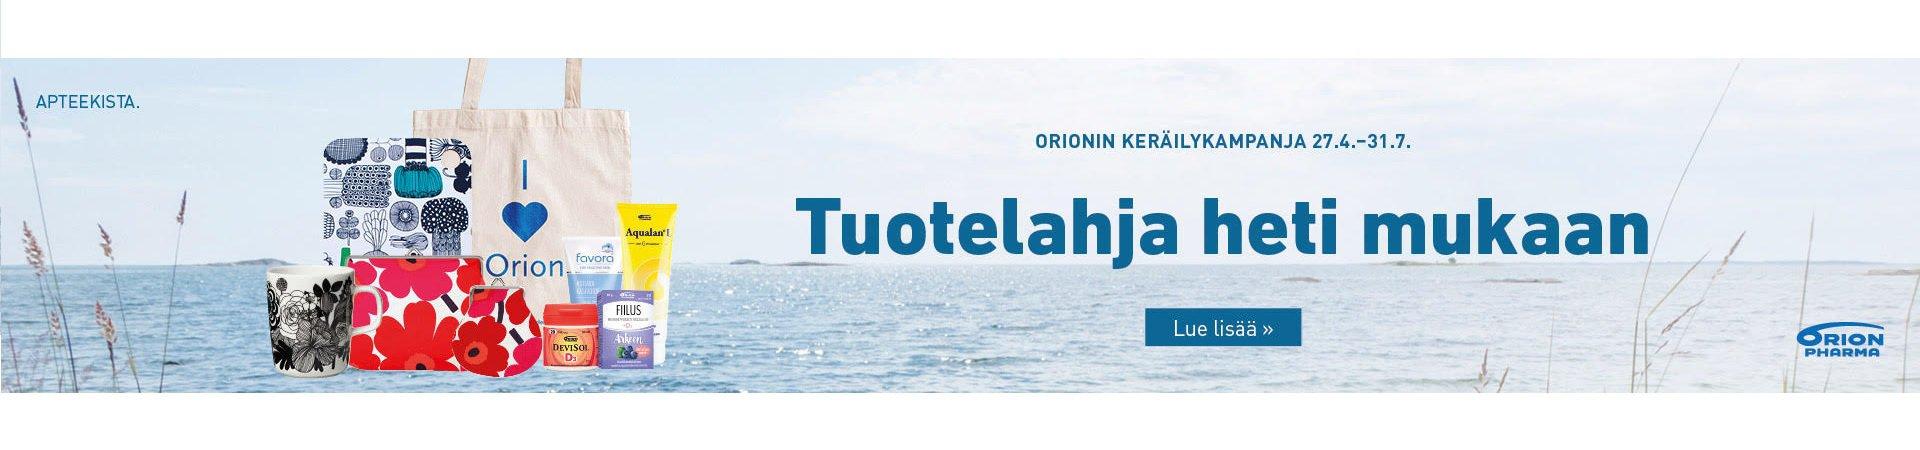 Orionin kesän keräilykampanja käynissä jälleen!